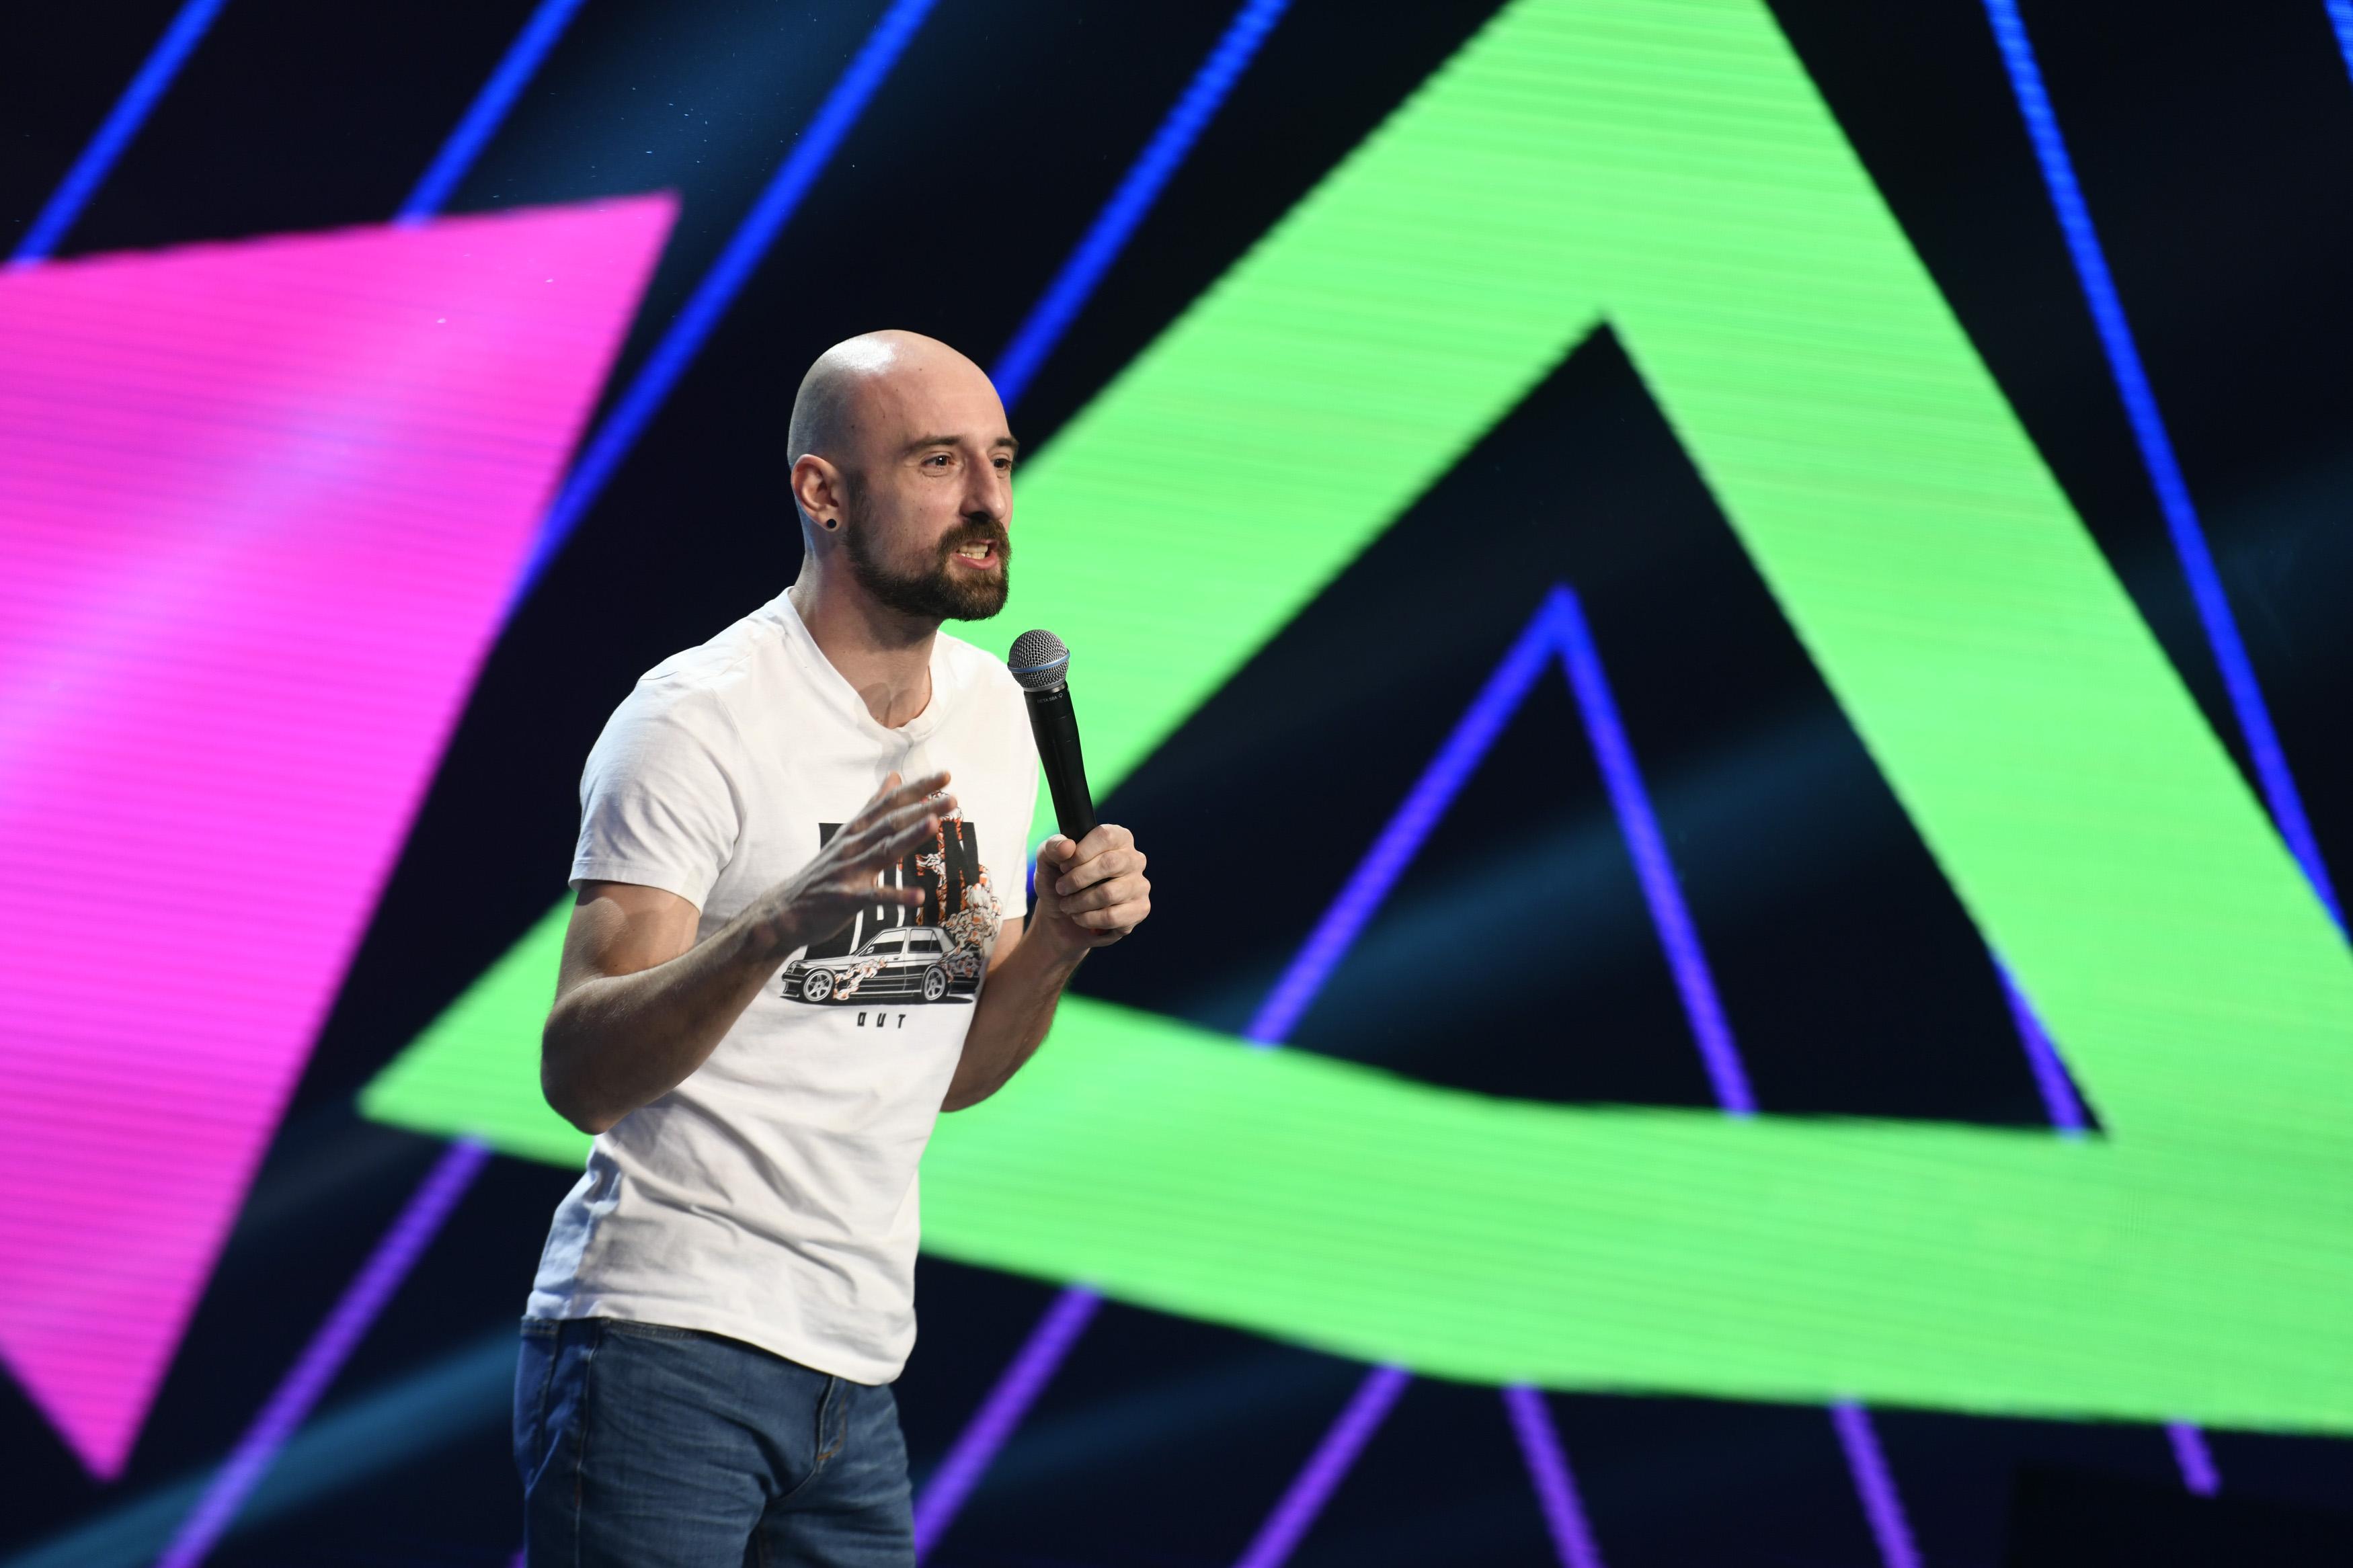 iUmor, 31 martie 2021. Andrei Negoiță, actorul cu glume la purtător, s-a dezlănțuit pe scena iUmor cu glume din desene animate